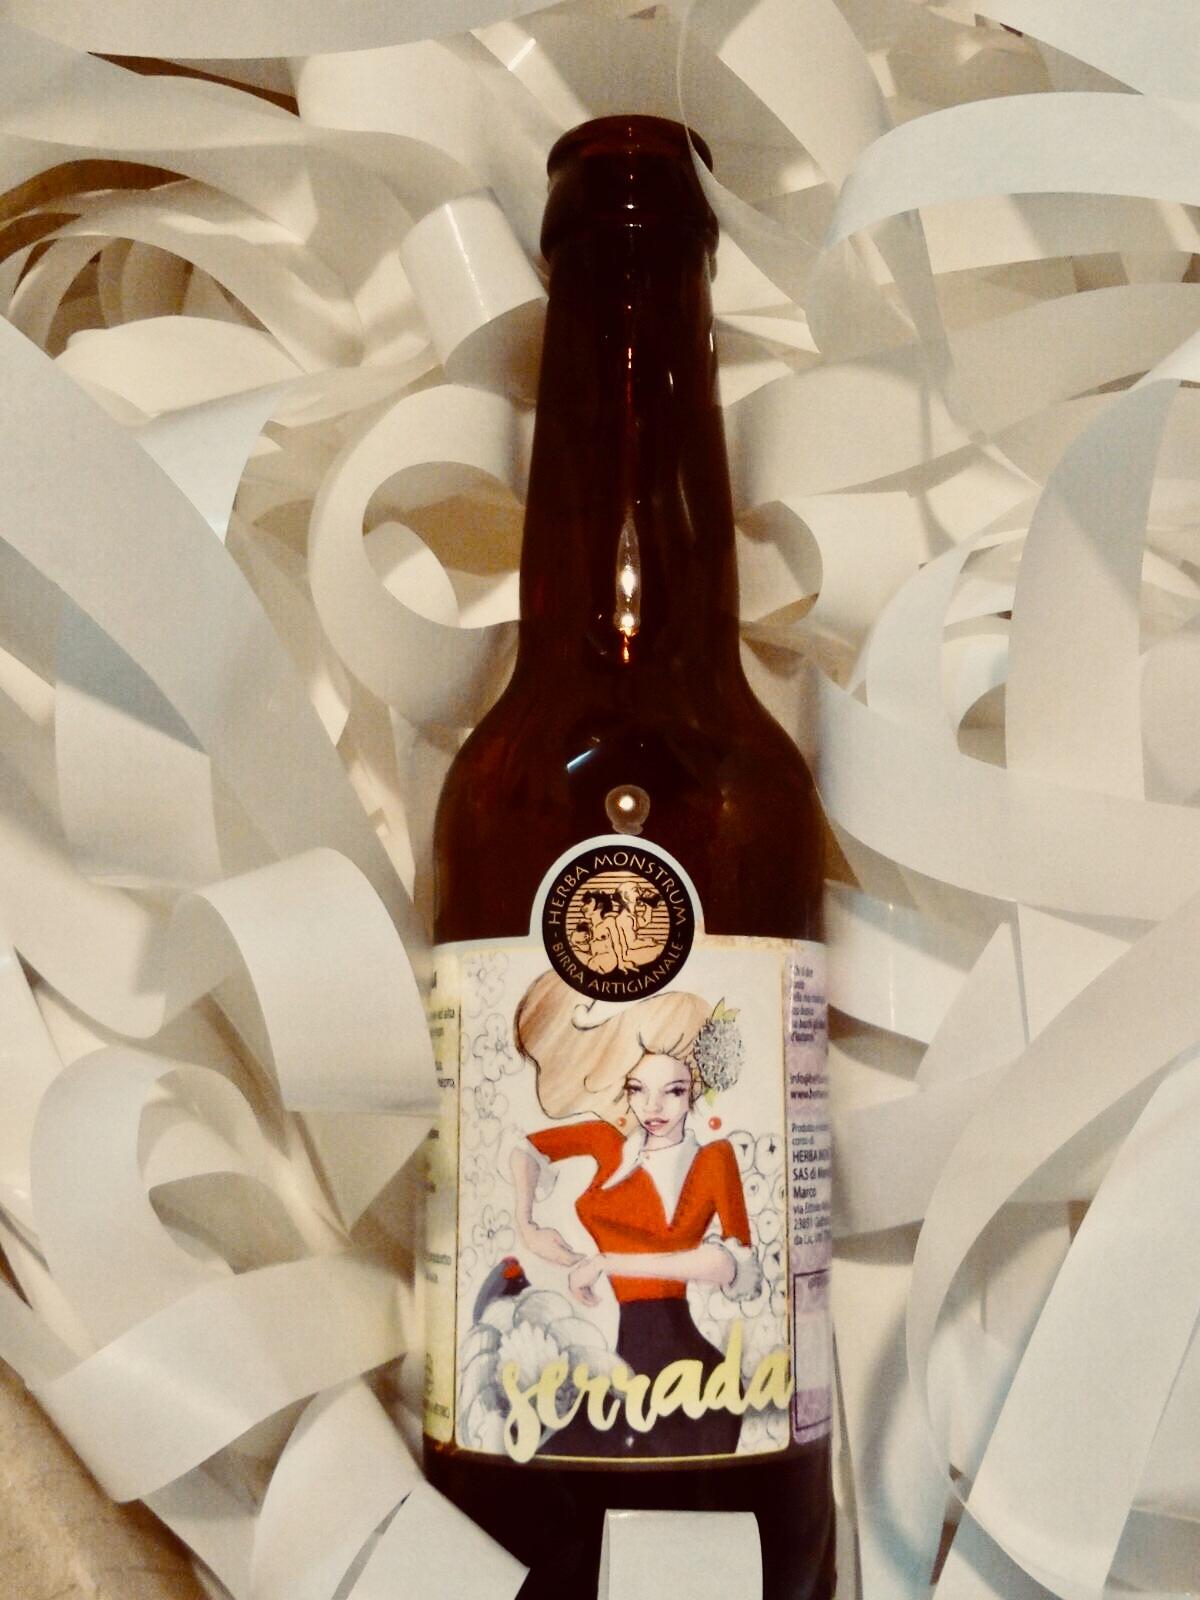 Serrada, la nuova birra artigianale di Herba Monstrum Brewery. Galbiate, Lecco